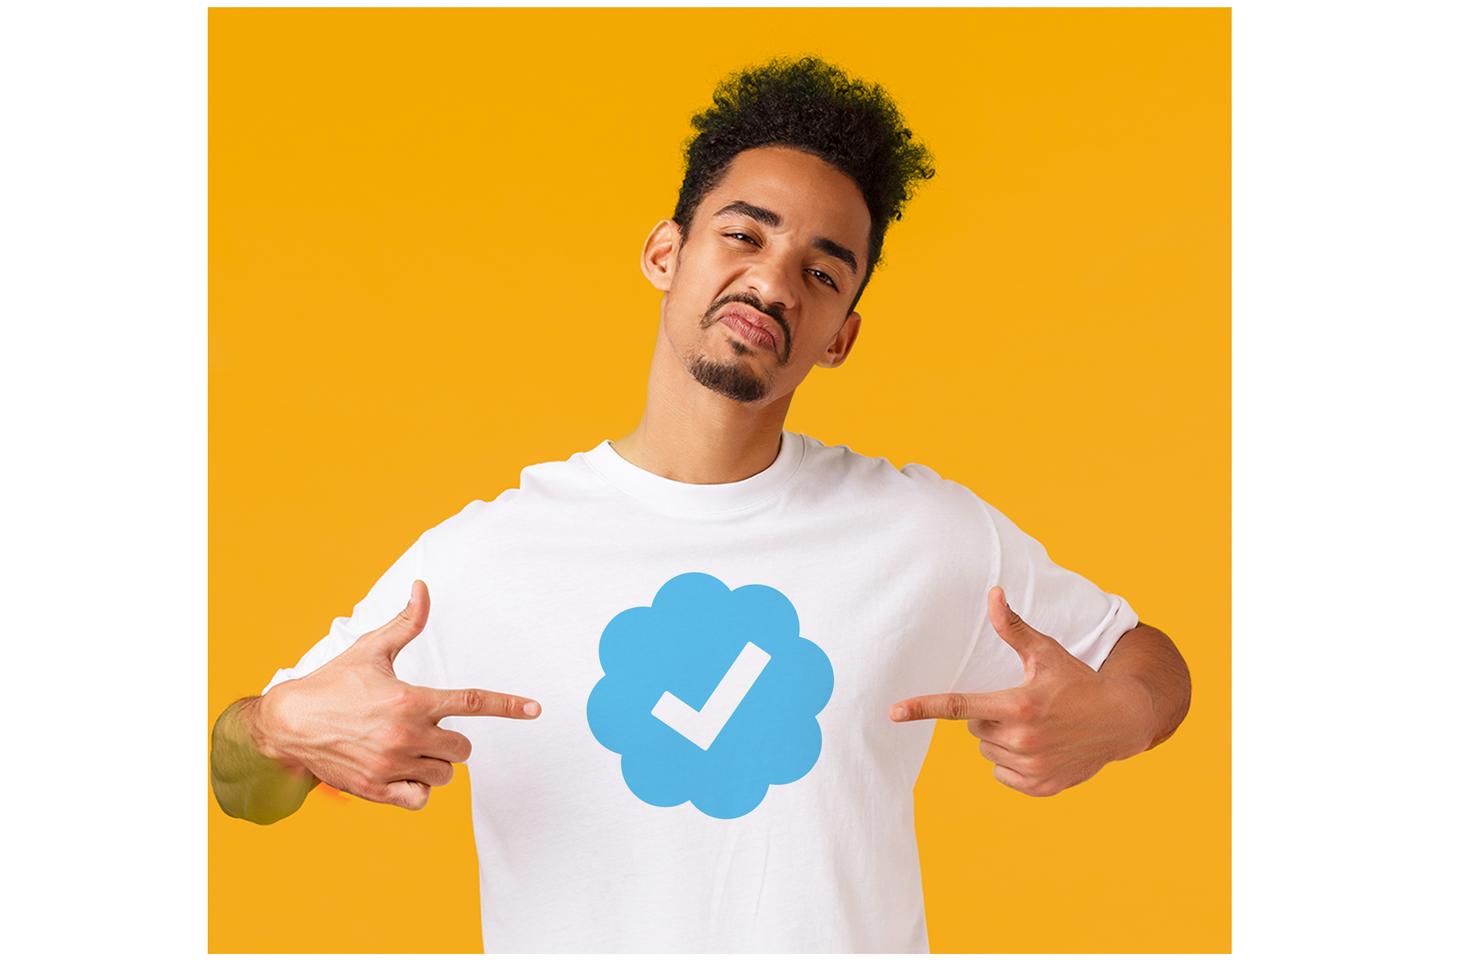 Como evitar ser vítima de golpes de suporte no Twitter